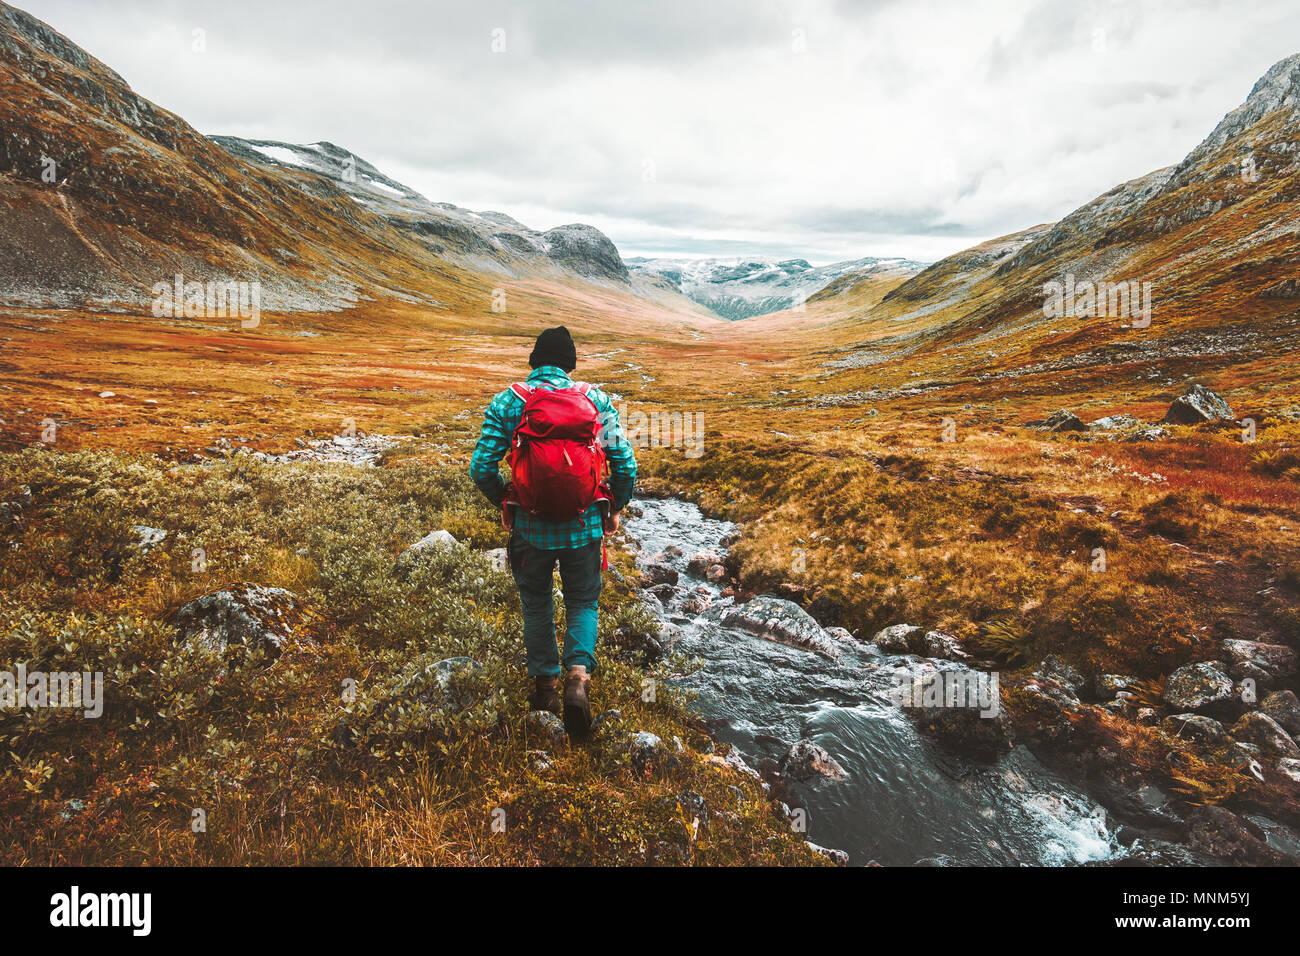 Uomo di viaggio turistico con zaino trekking in montagna paesaggio attivo uno stile di vita sano avventura vacanze in Scandinavia Immagini Stock